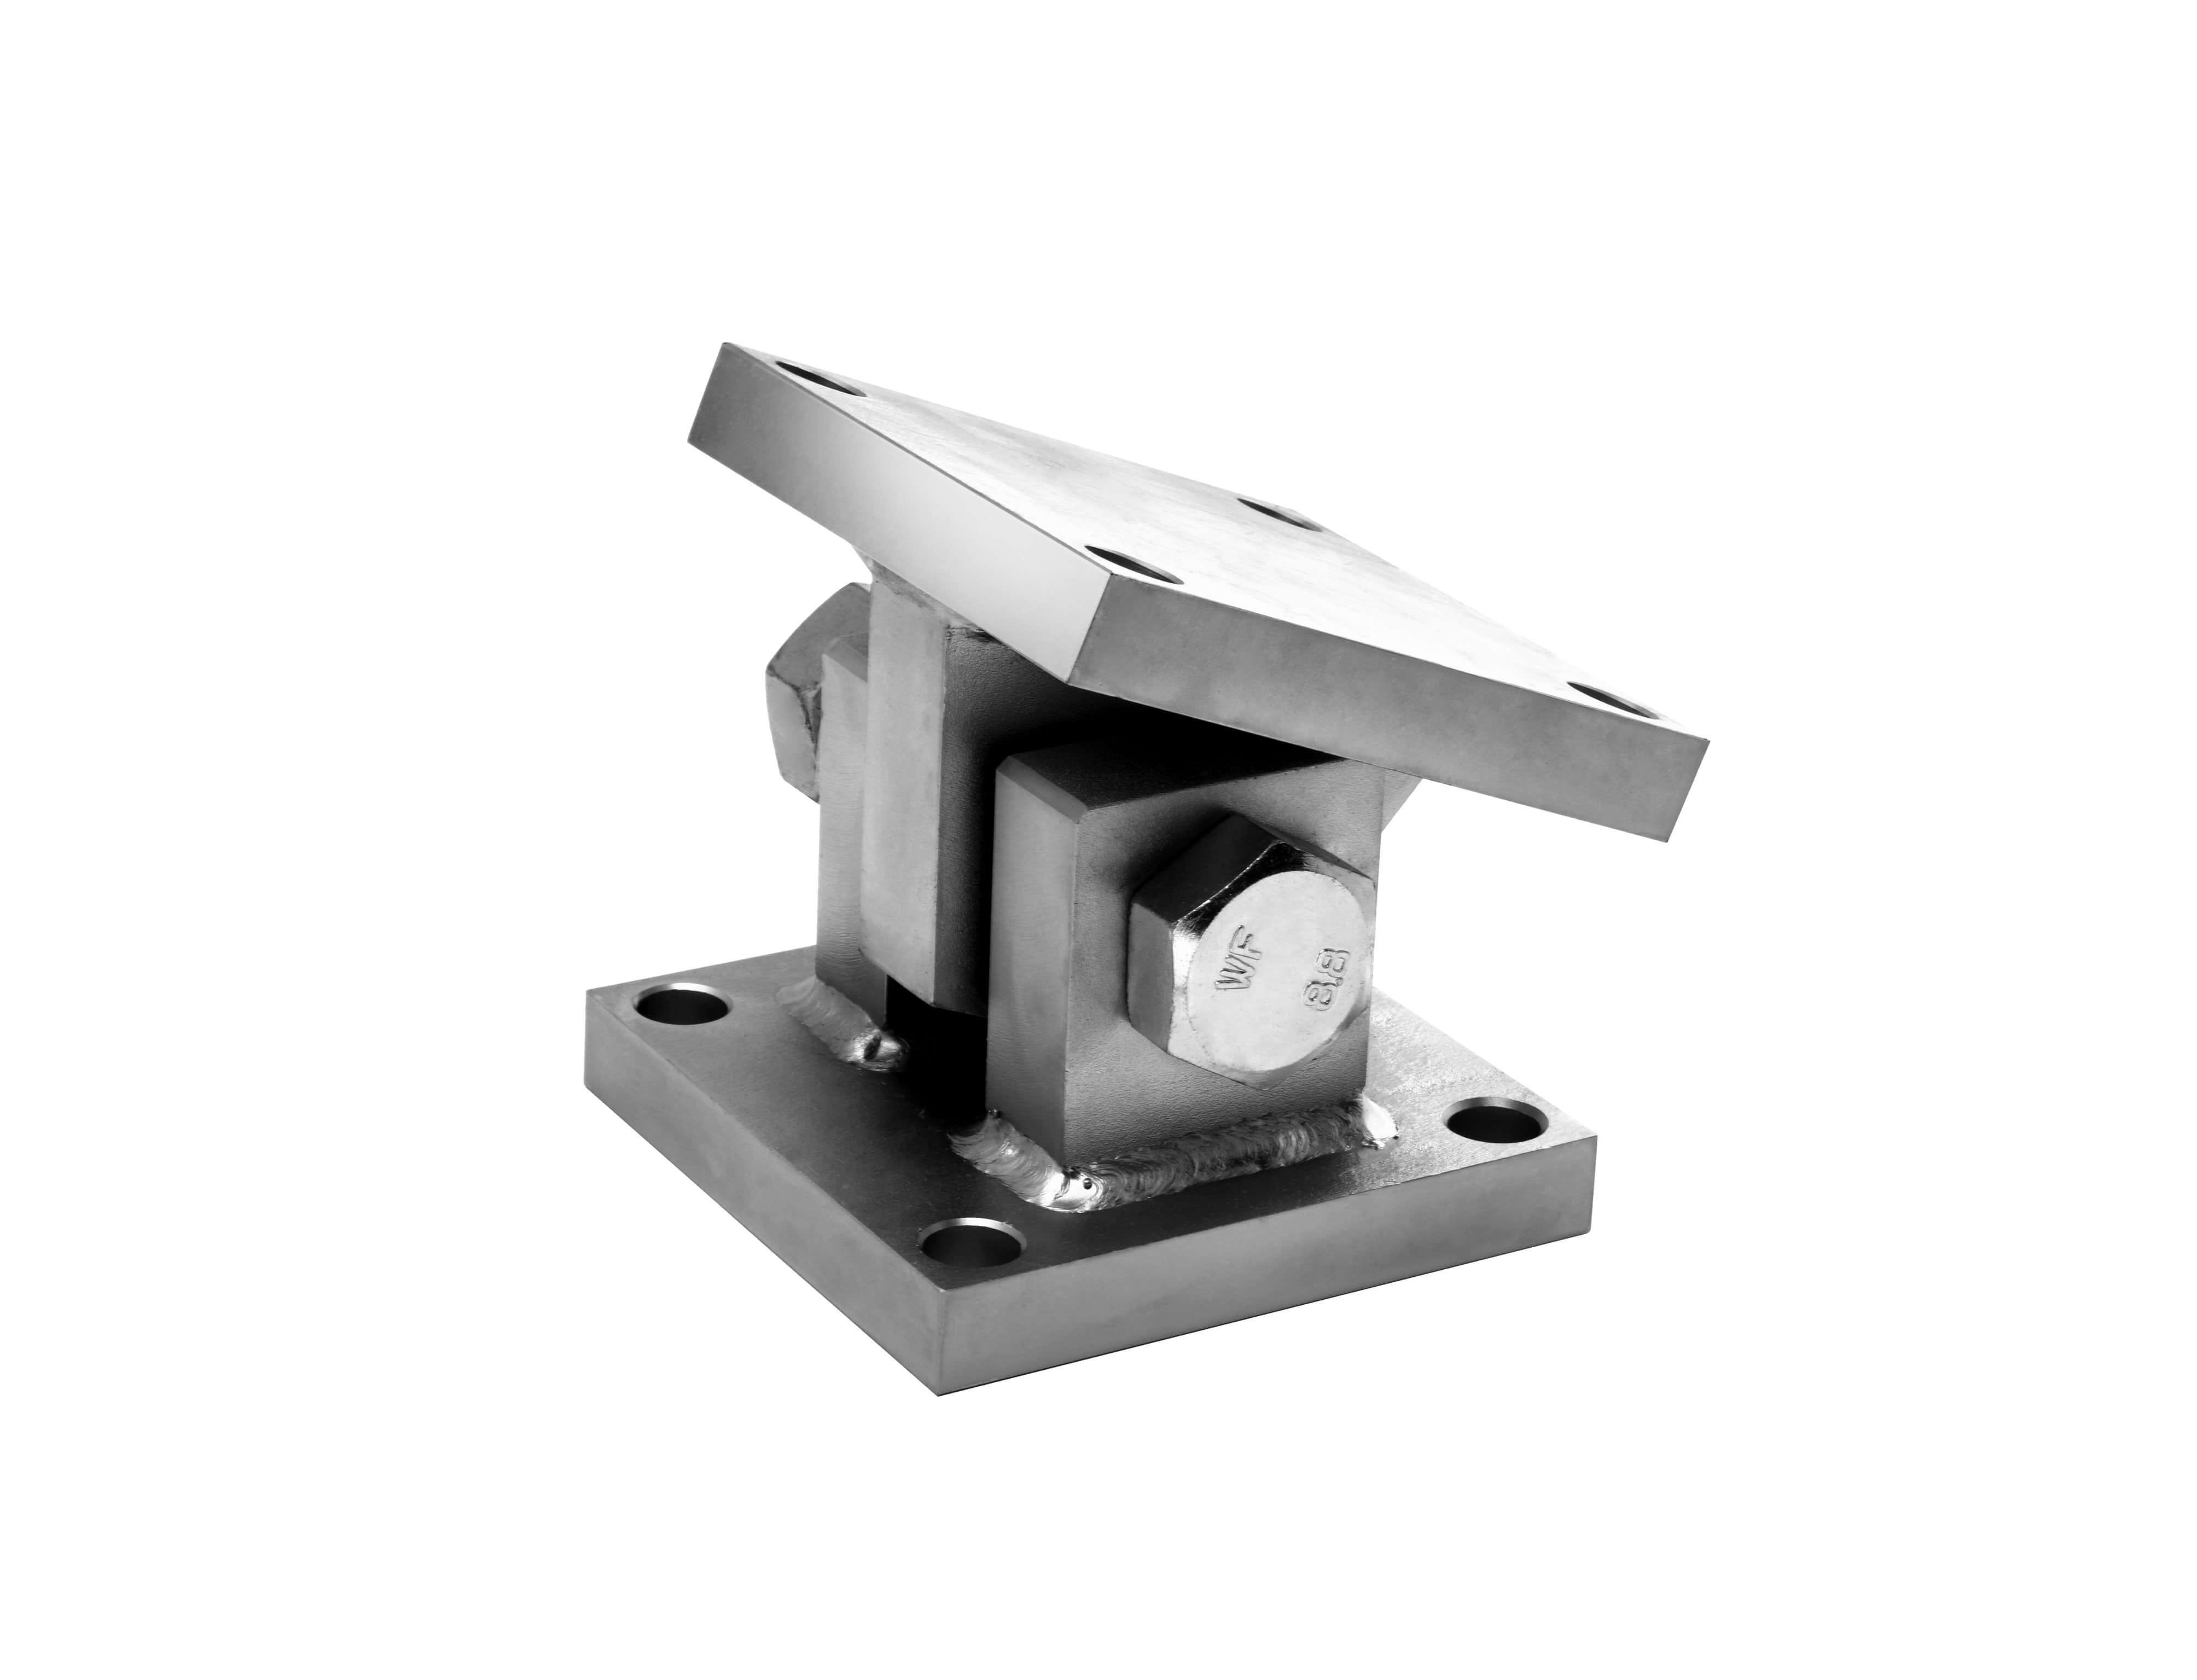 56-01 dummy support (hoogte vergelijkbaar met 52-13 en 52-18 weegmodules Image